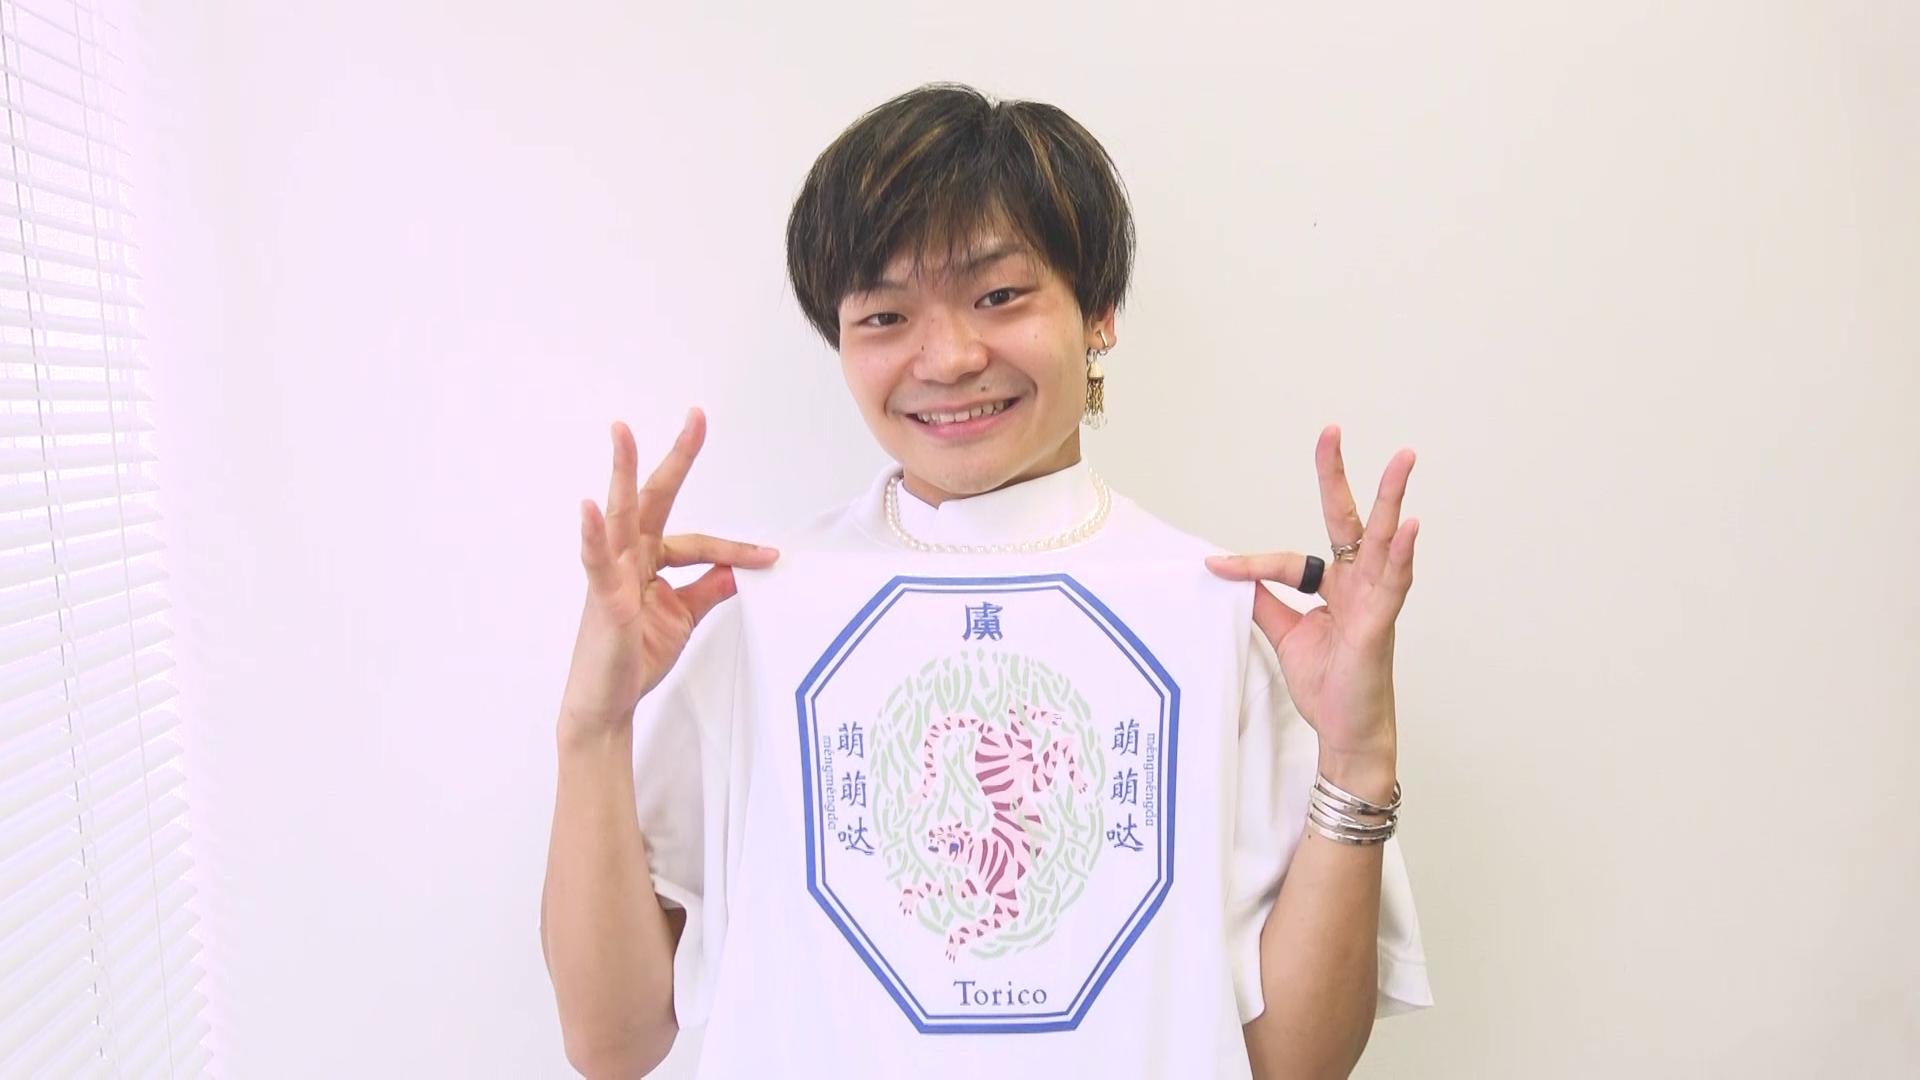 【丸山隼】安達祐実プロデュース アパレルブランド「虜(Torico)」にモデルとして参加!